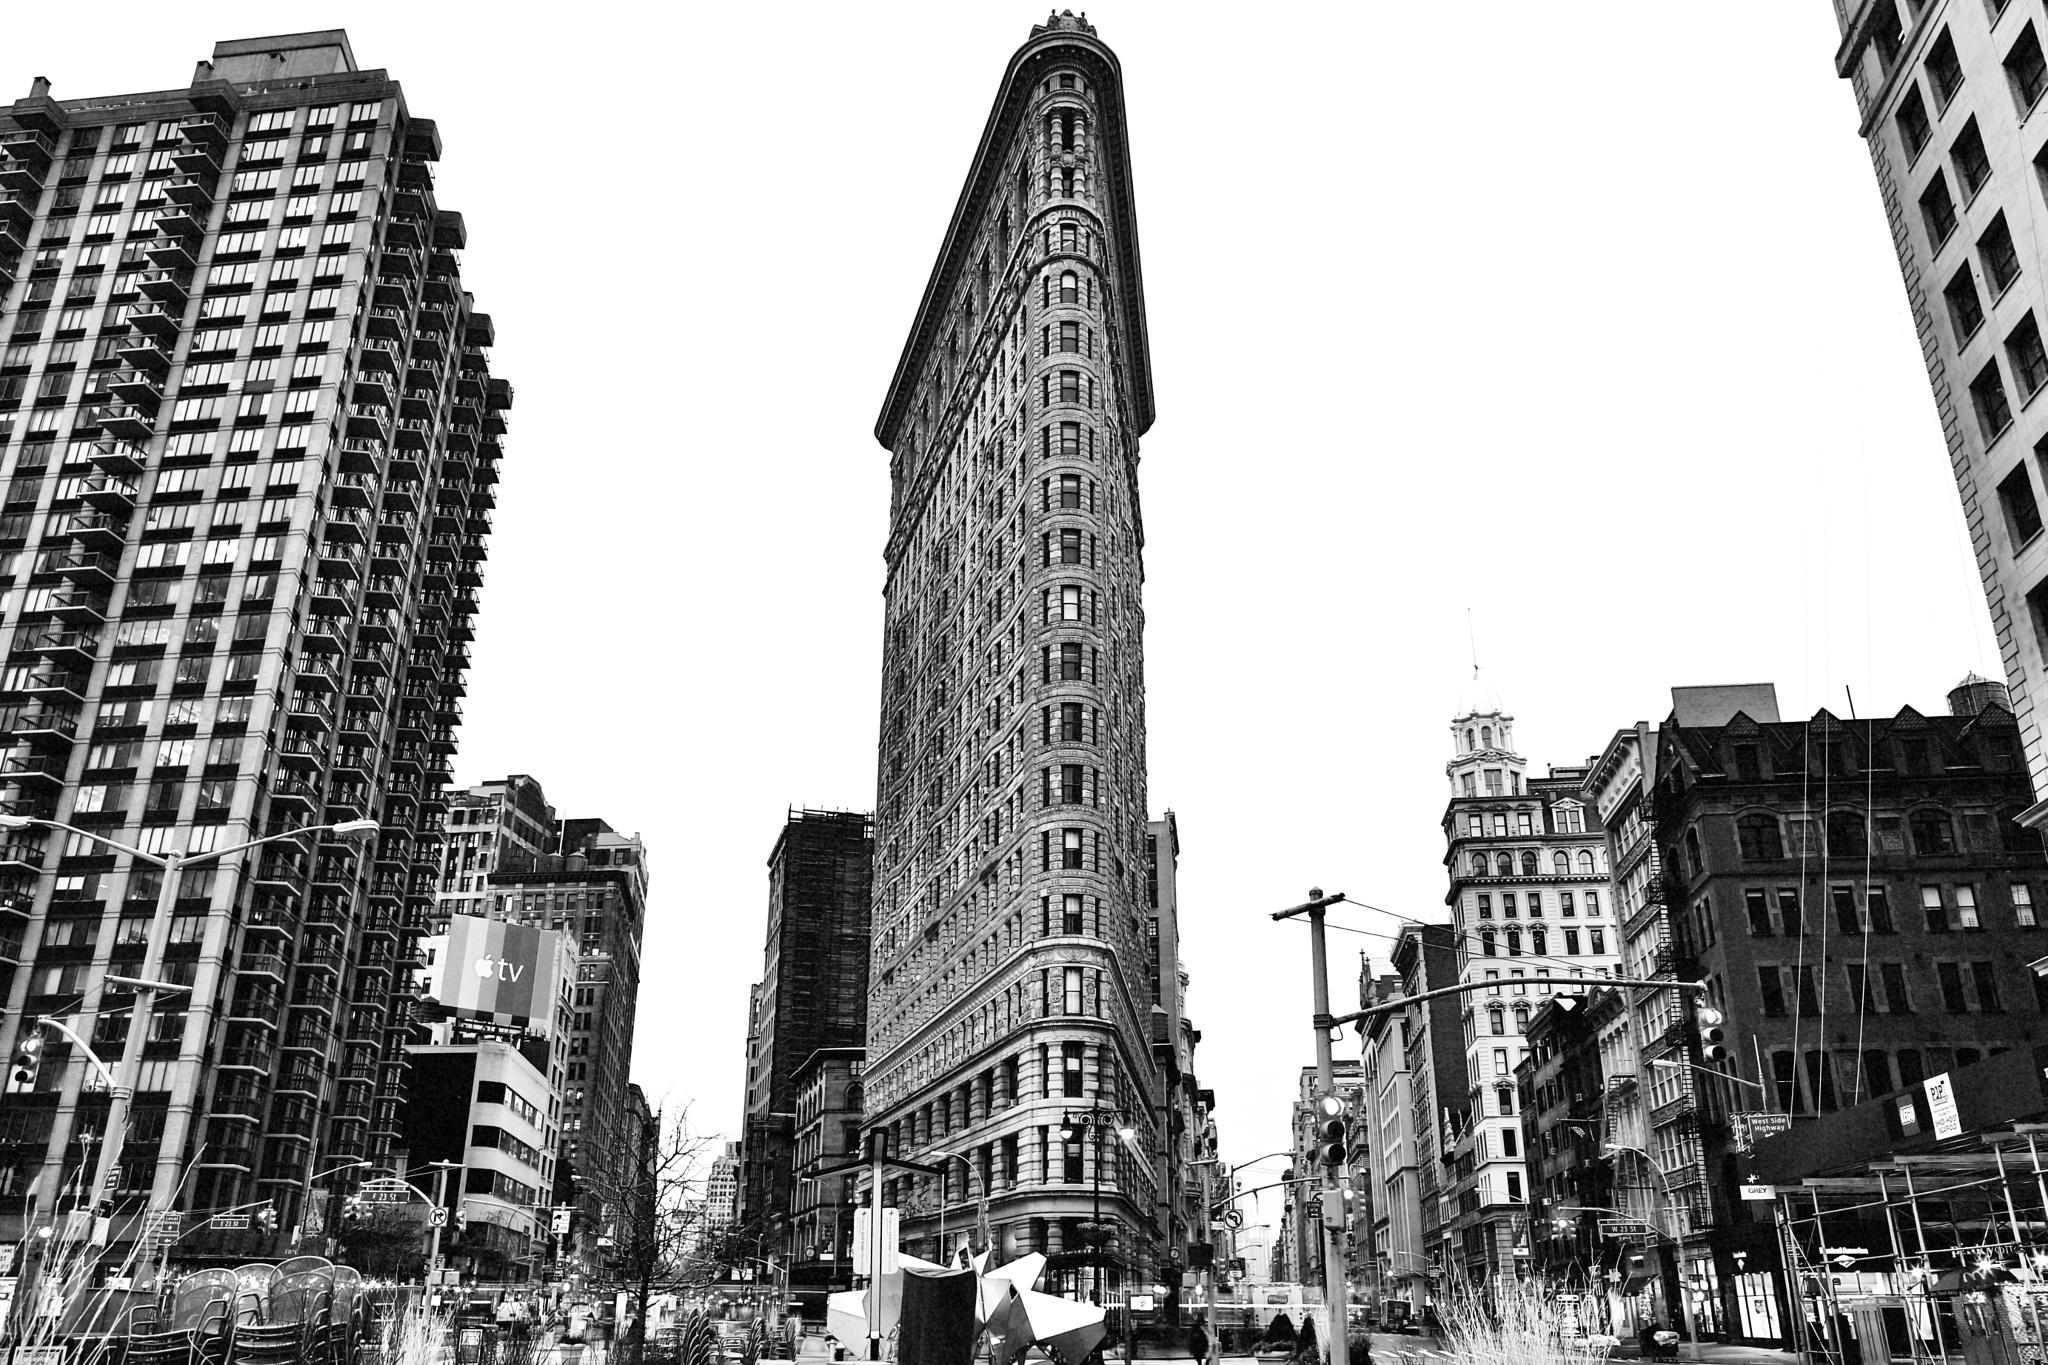 Flatiron Building by visbimmer79